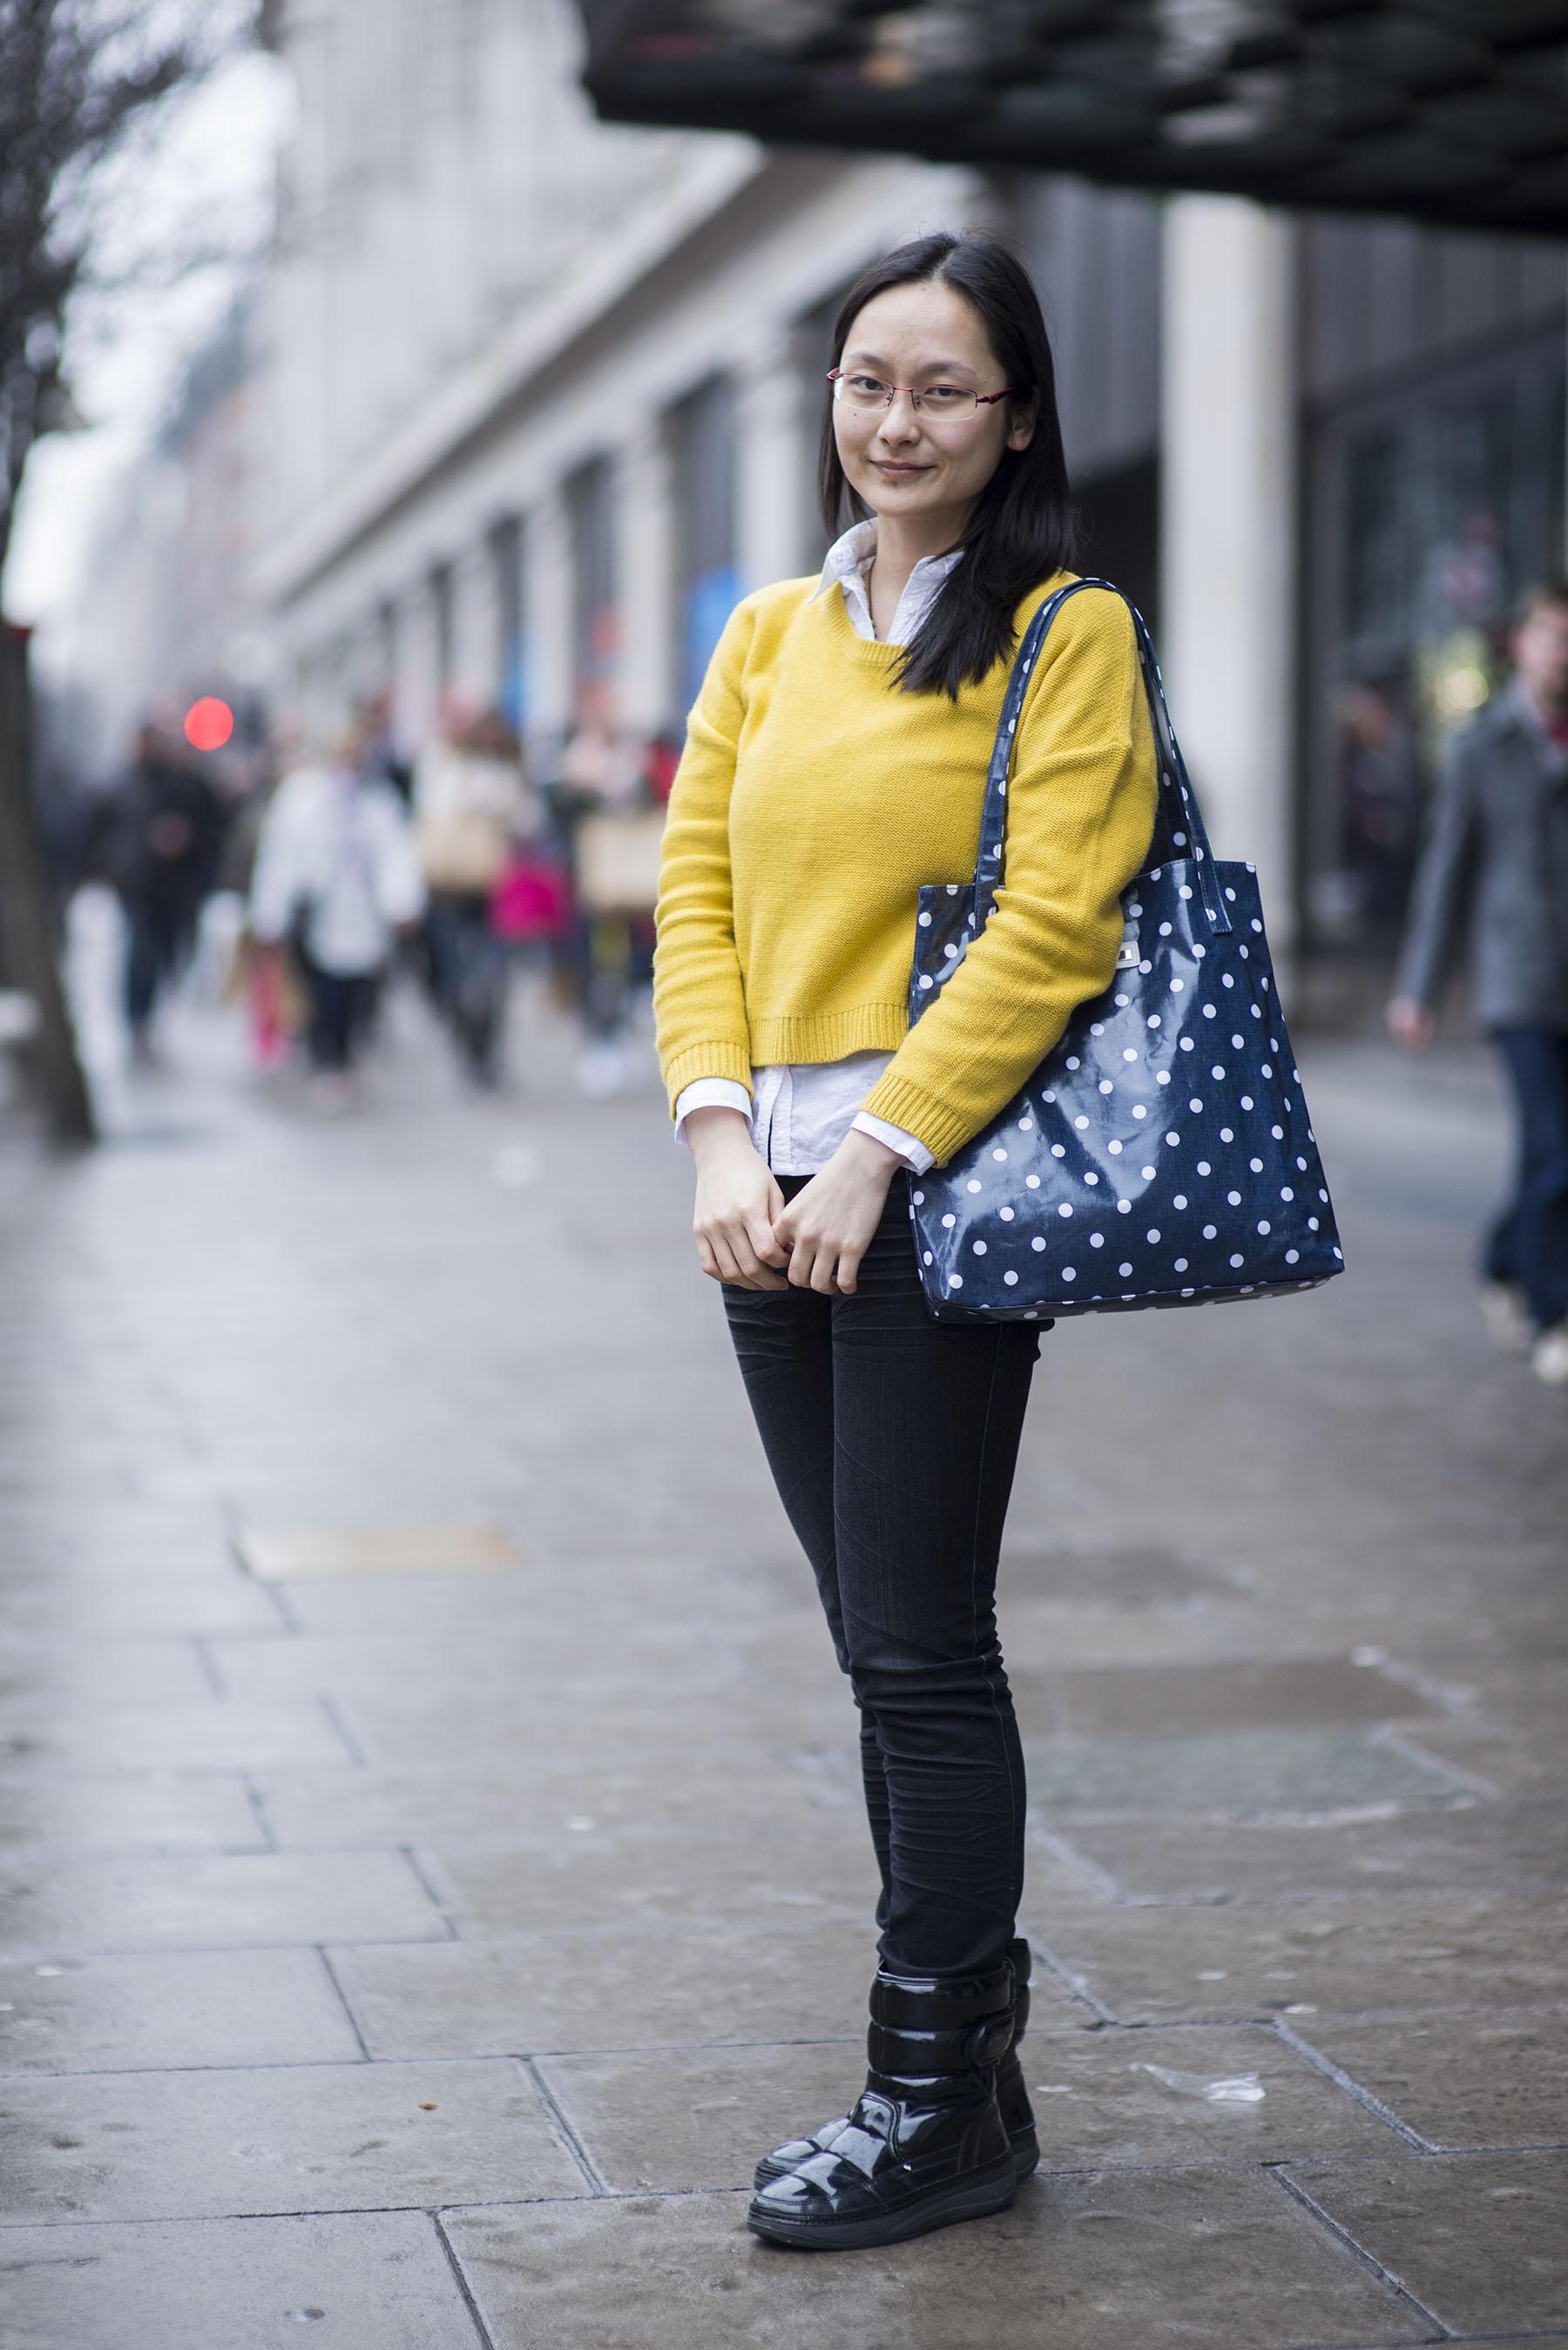 H M London Fashion Shop